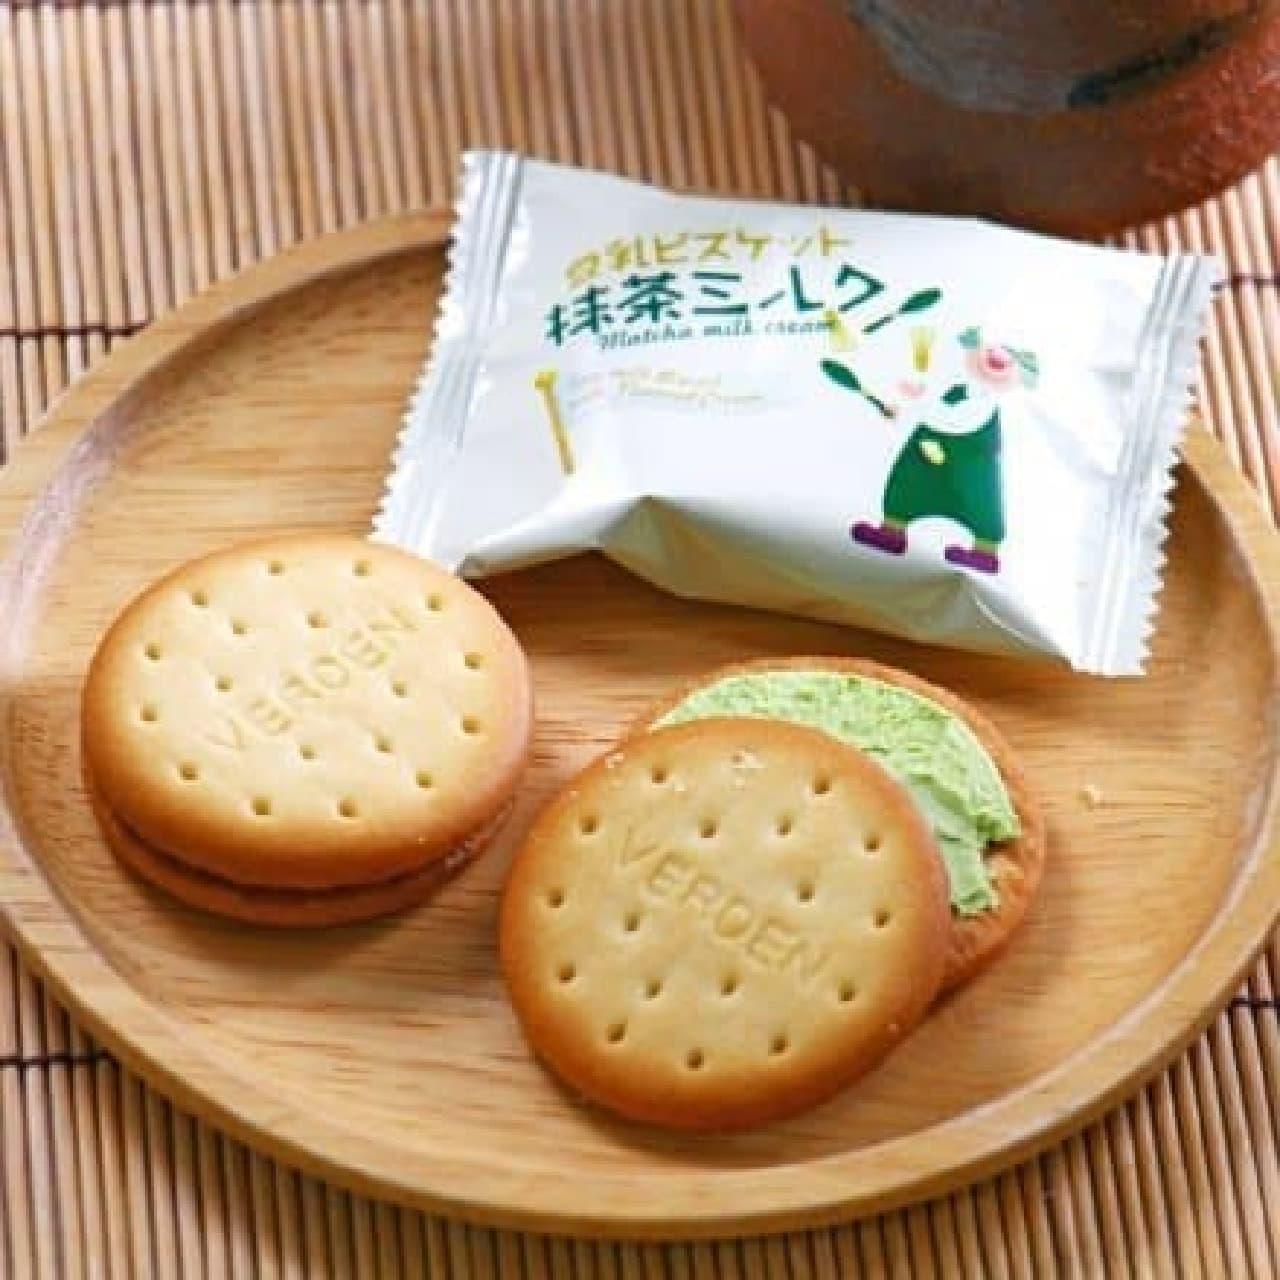 カルディコーヒーファーム「オリジナル 豆乳ビスケット 抹茶ミルククリーム」